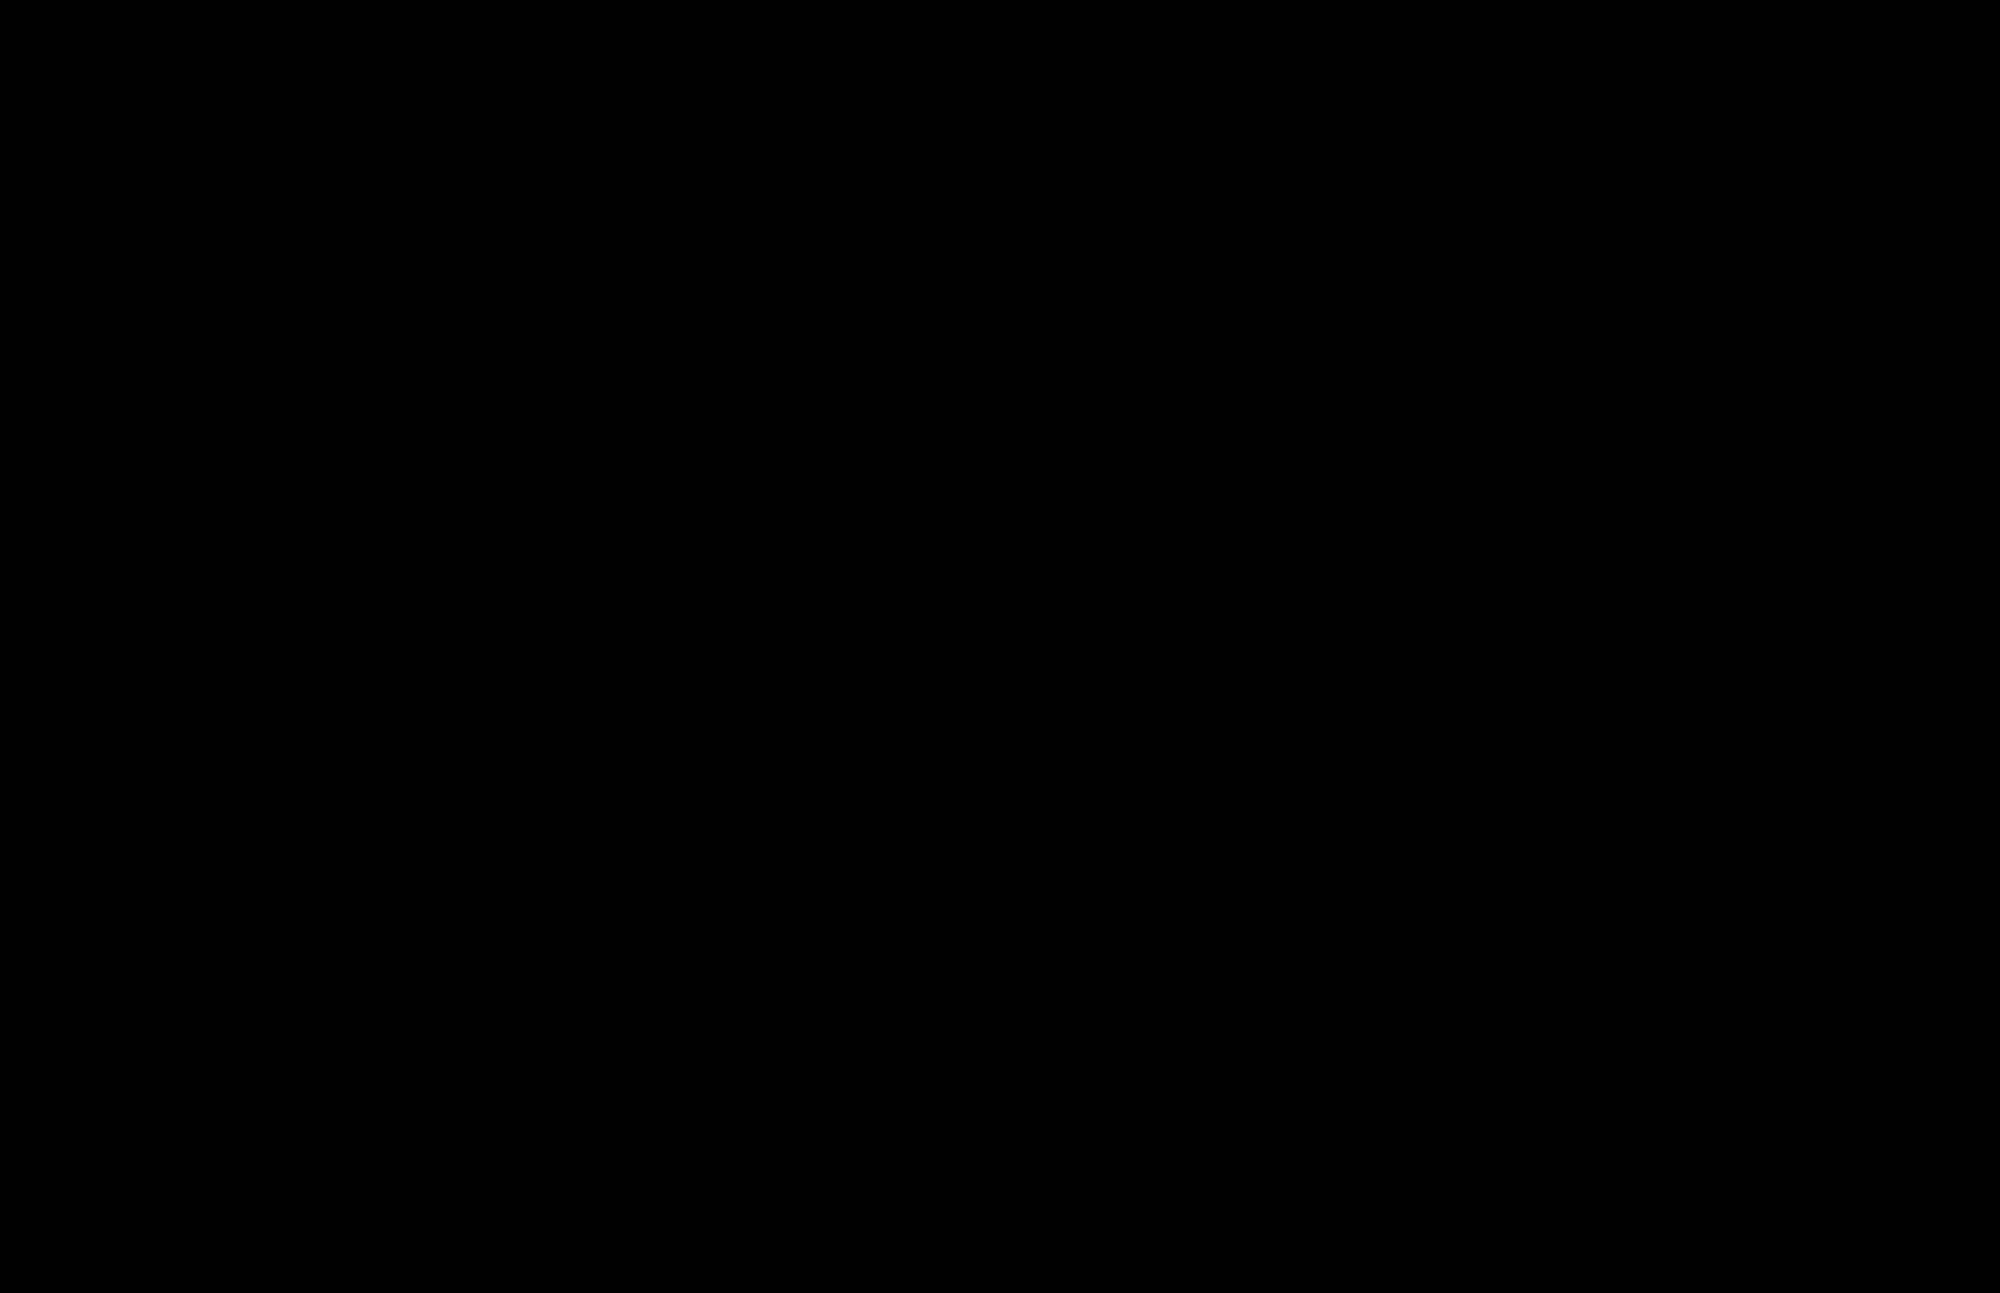 insti-kit-font